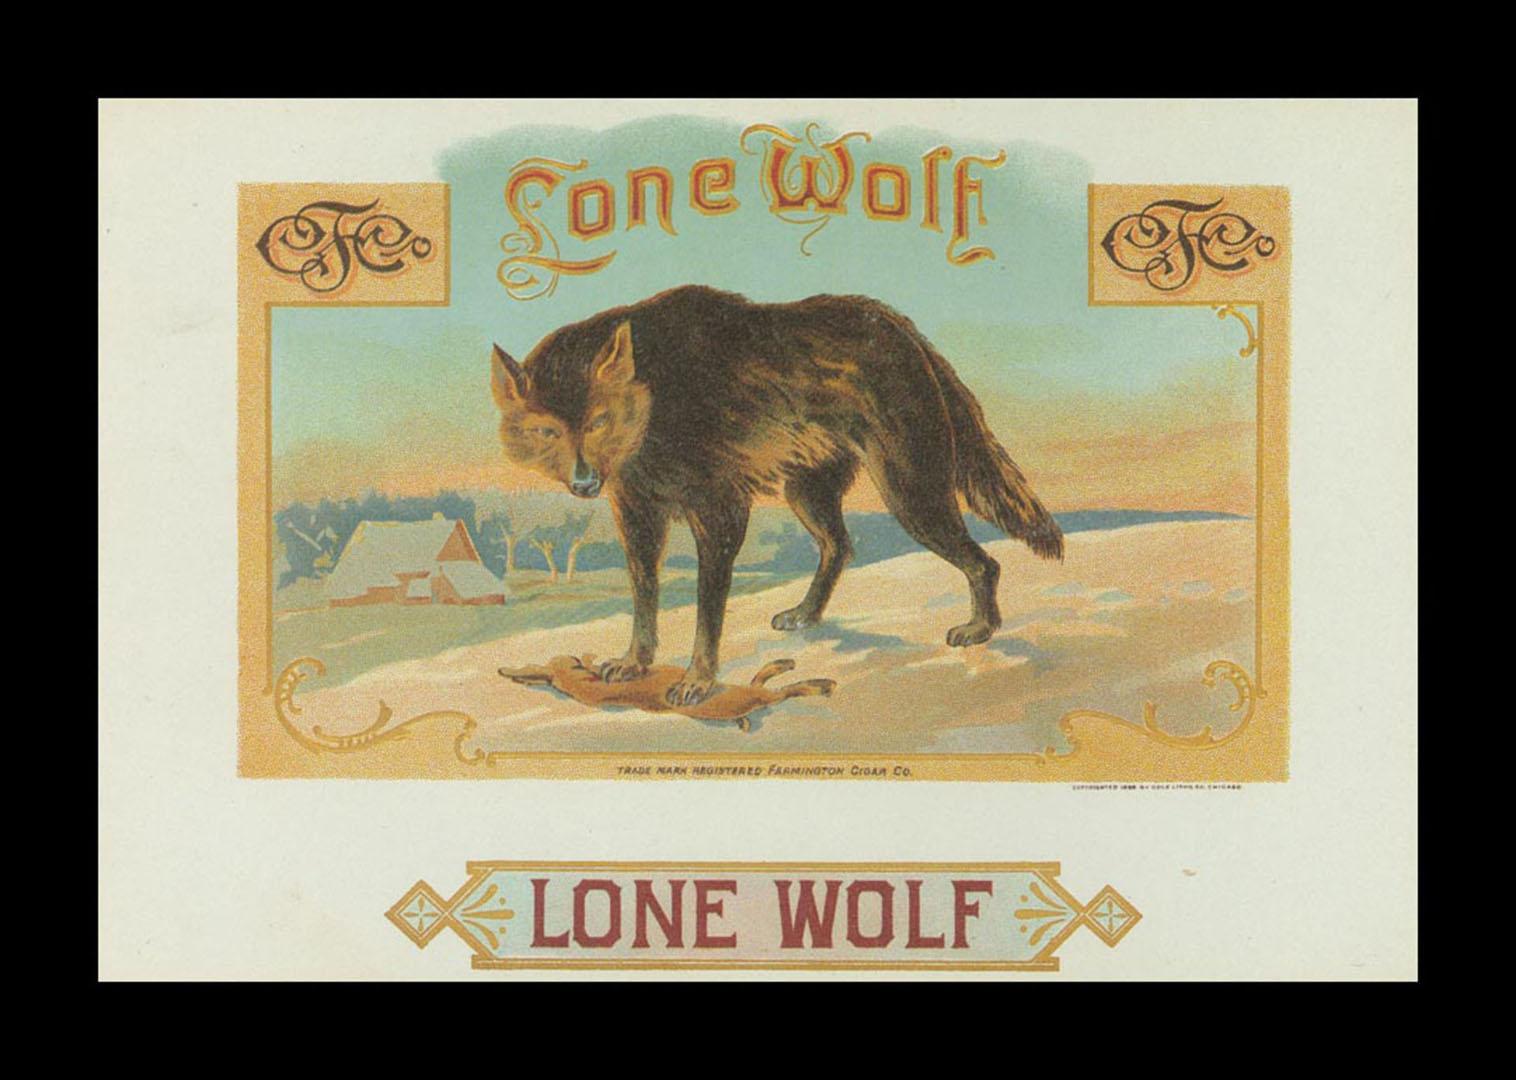 Lone wolf vintage series cigars